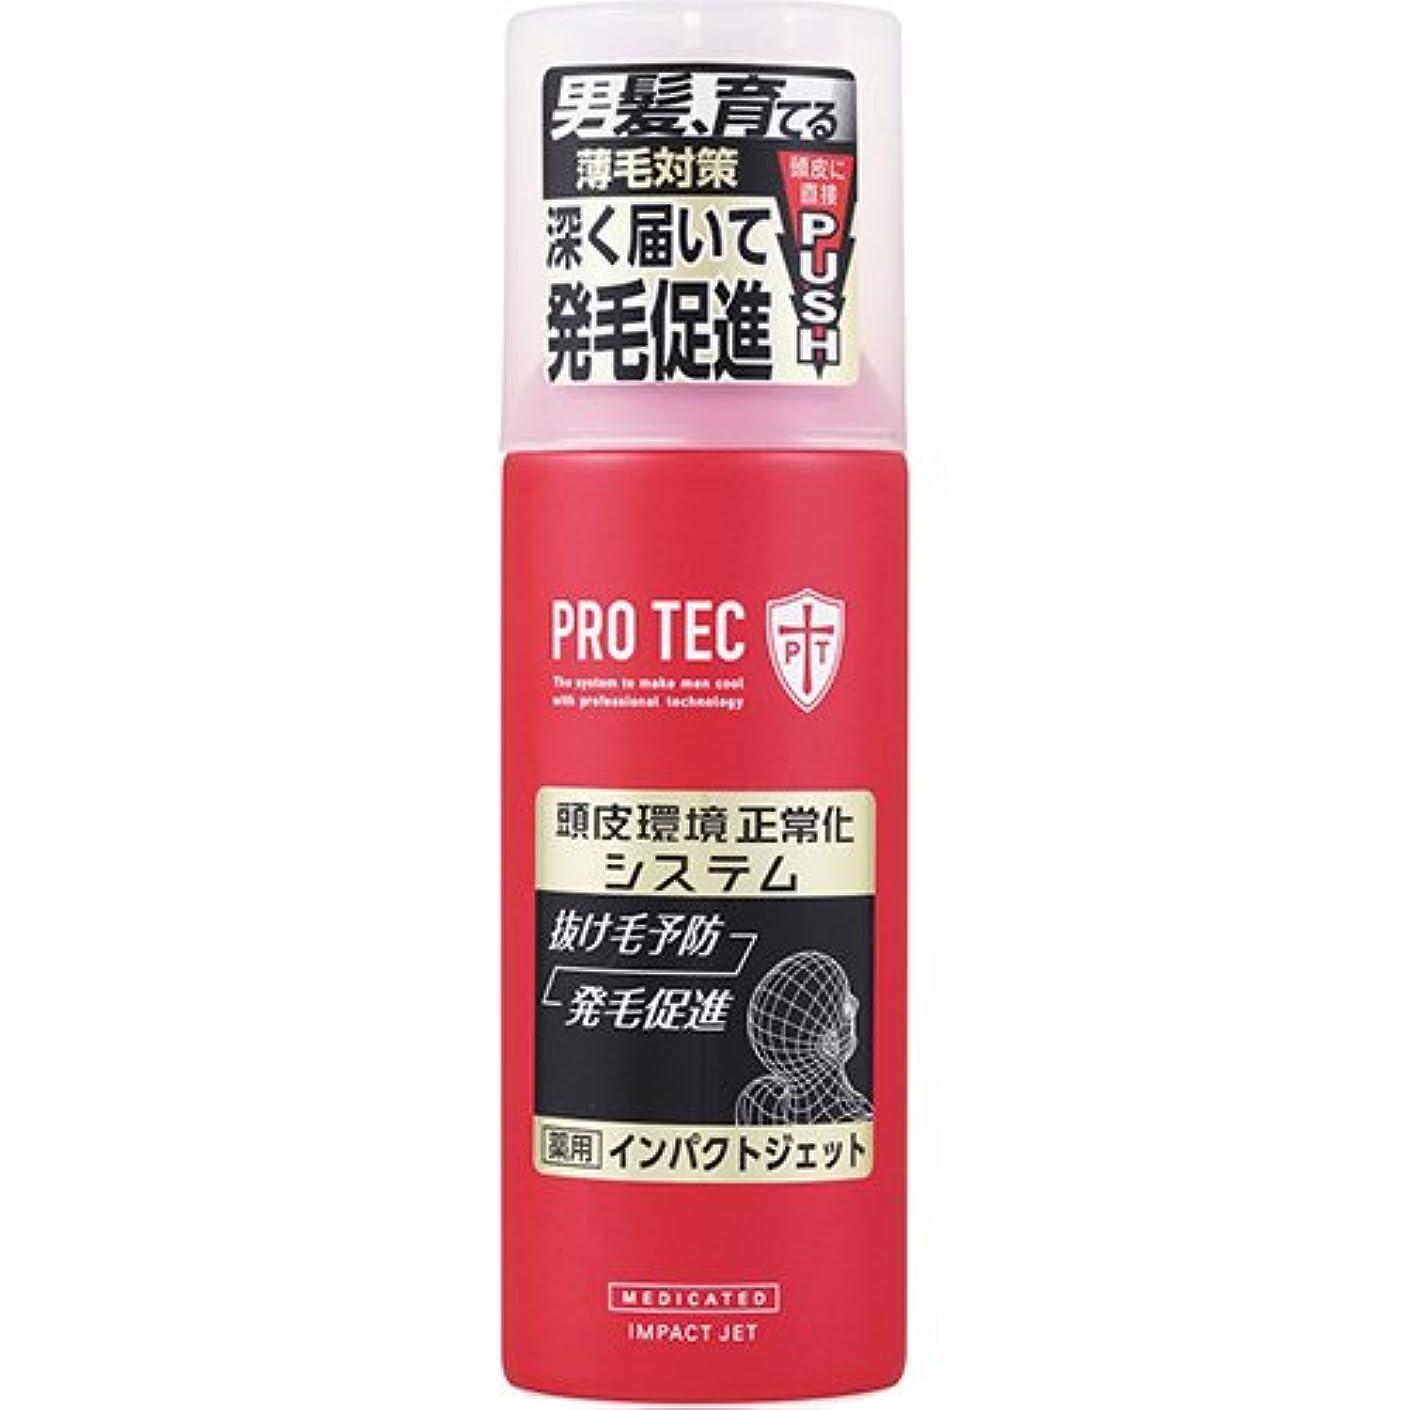 インフレーション翻訳者ターゲットPRO TEC インパクトジェット 150g